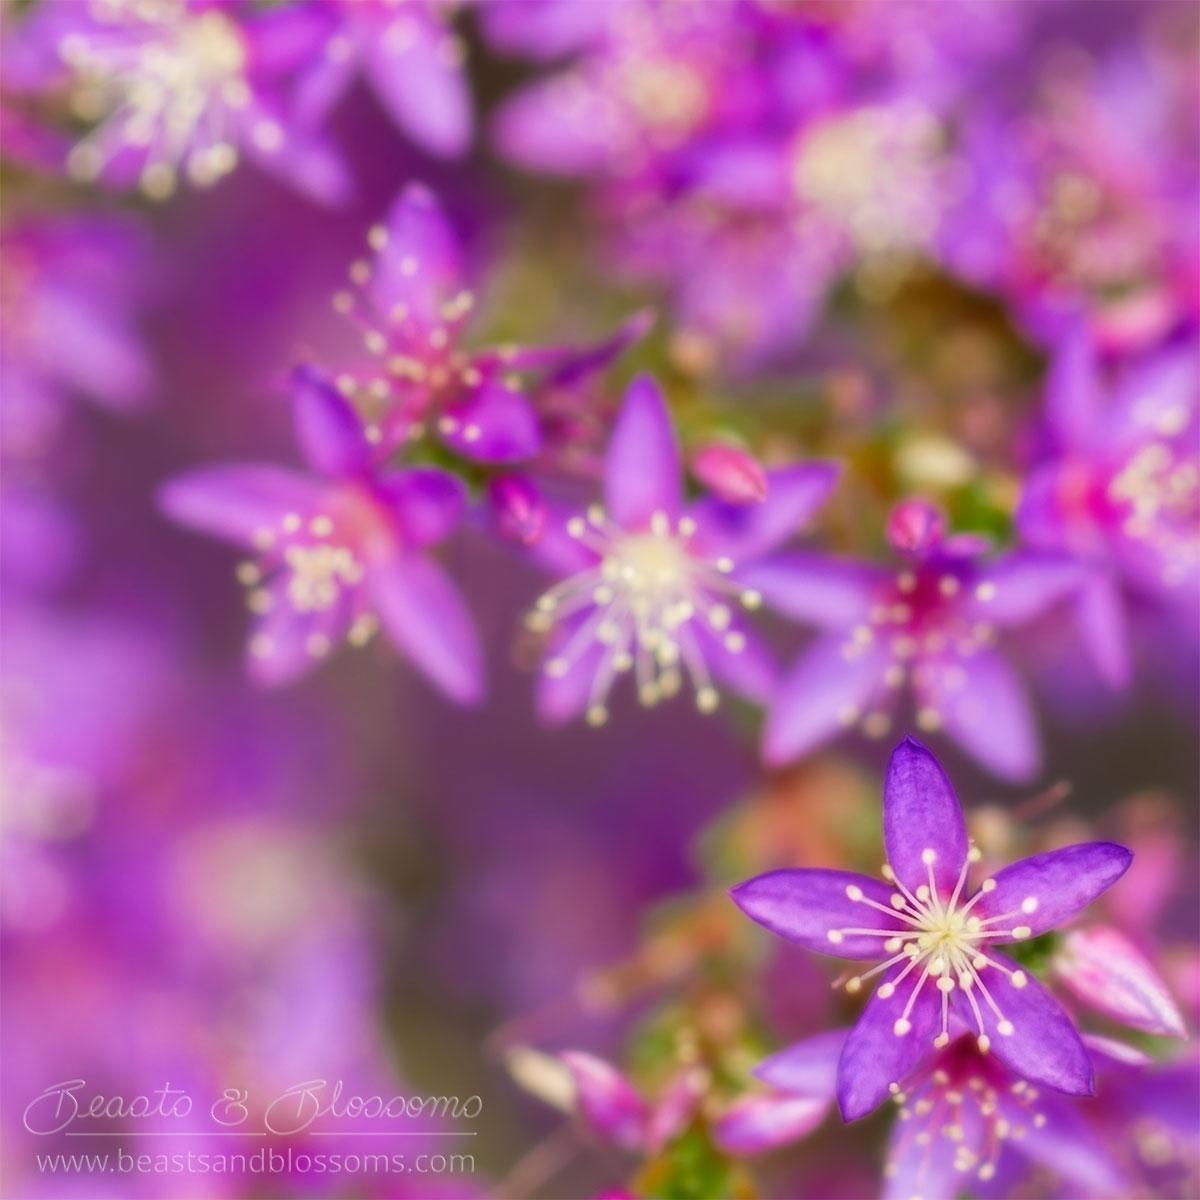 South west WA wildflower: posy starflower (Calytrix leschenaultii)